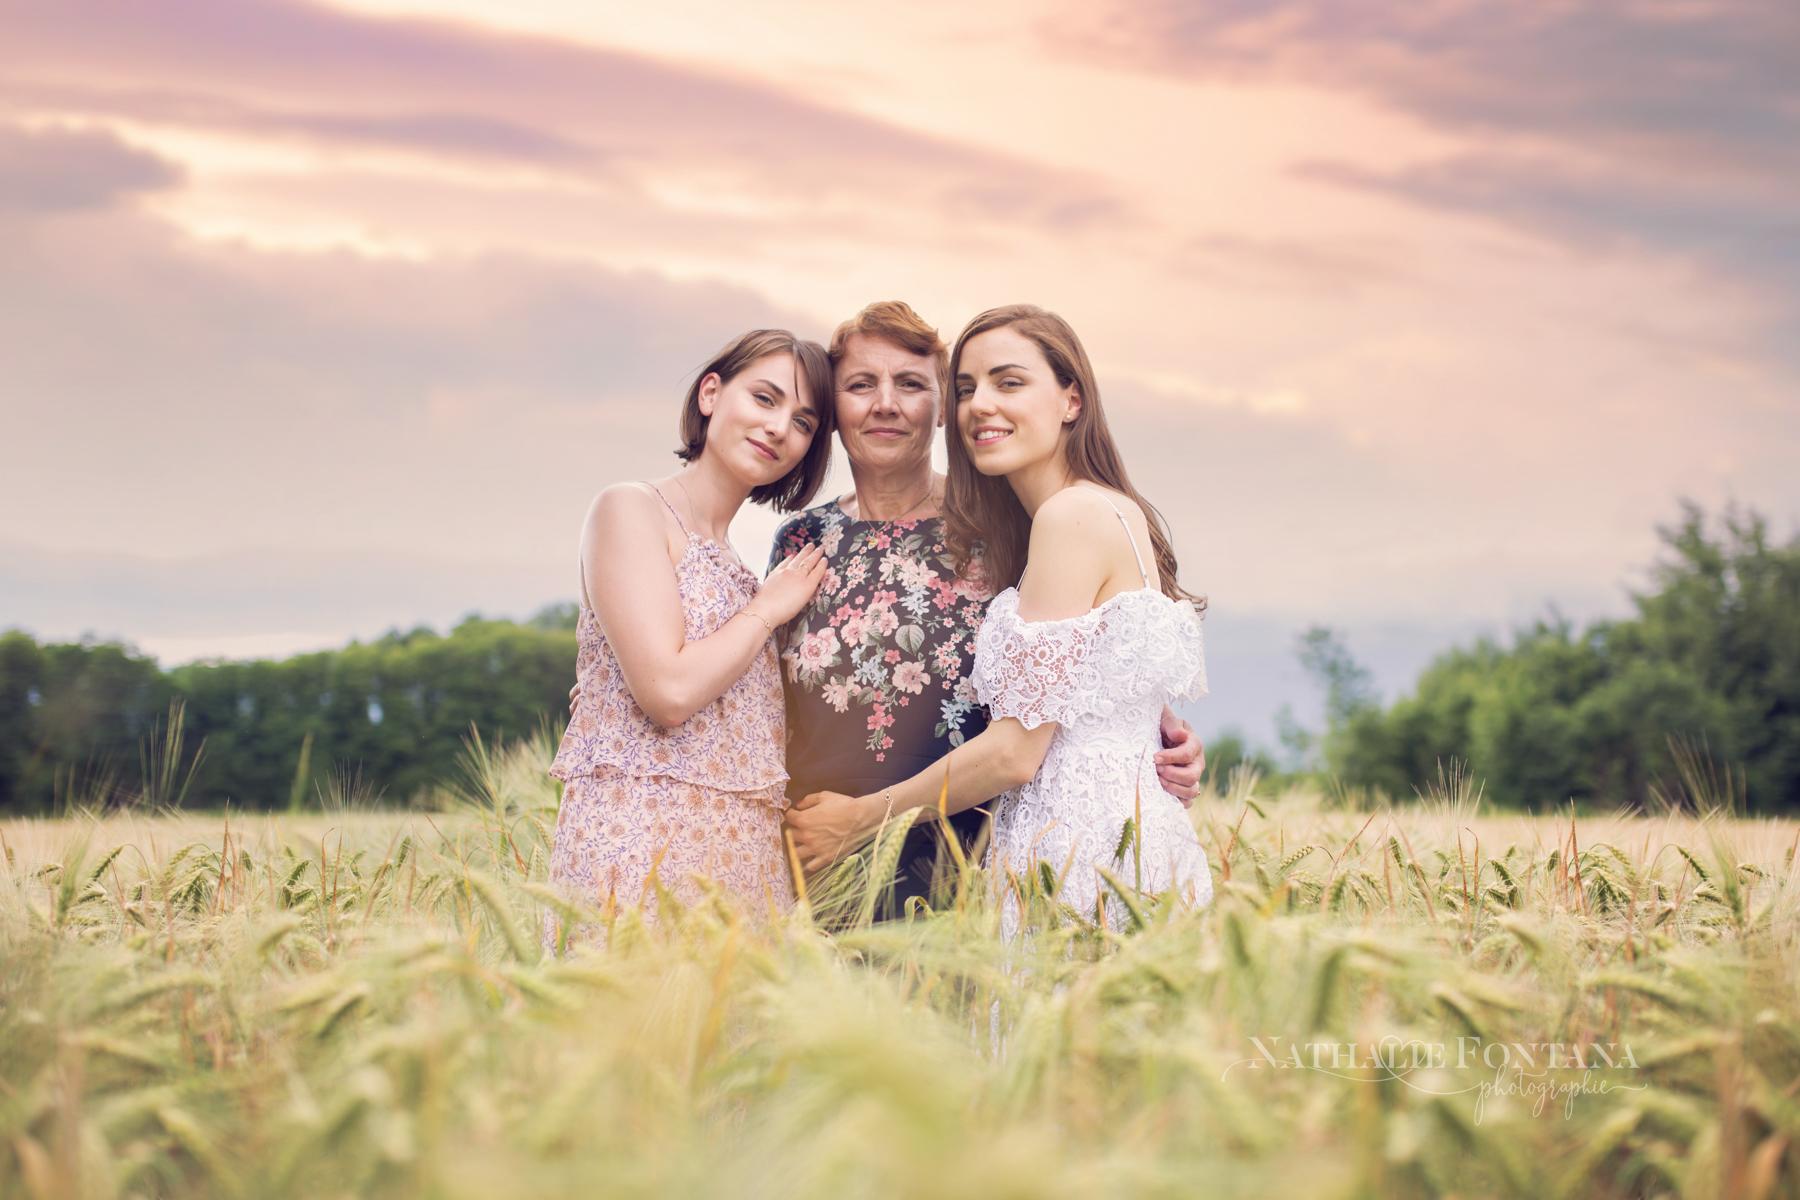 Séance famille en extérieur avec Vlora et ses filles - Nathalie Fontana, Genève